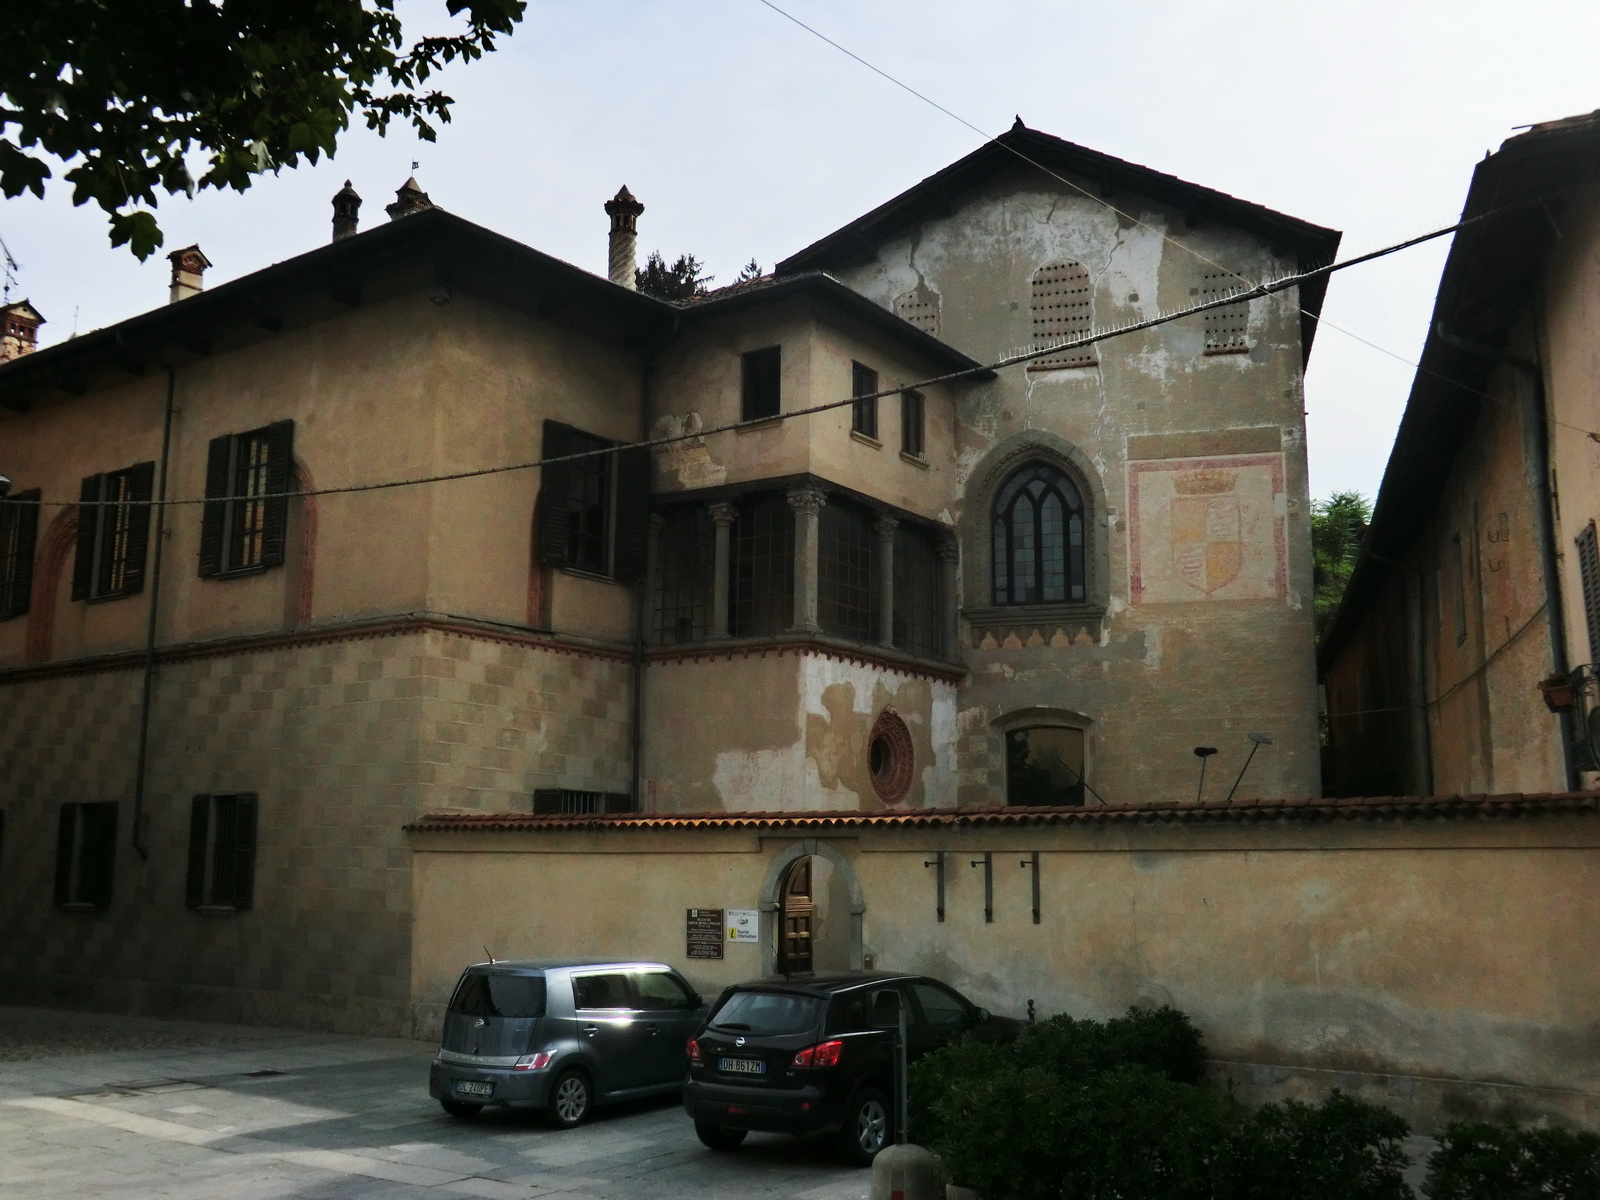 Palazzo branda wikipedia for Galimberti arredamenti castiglione olona